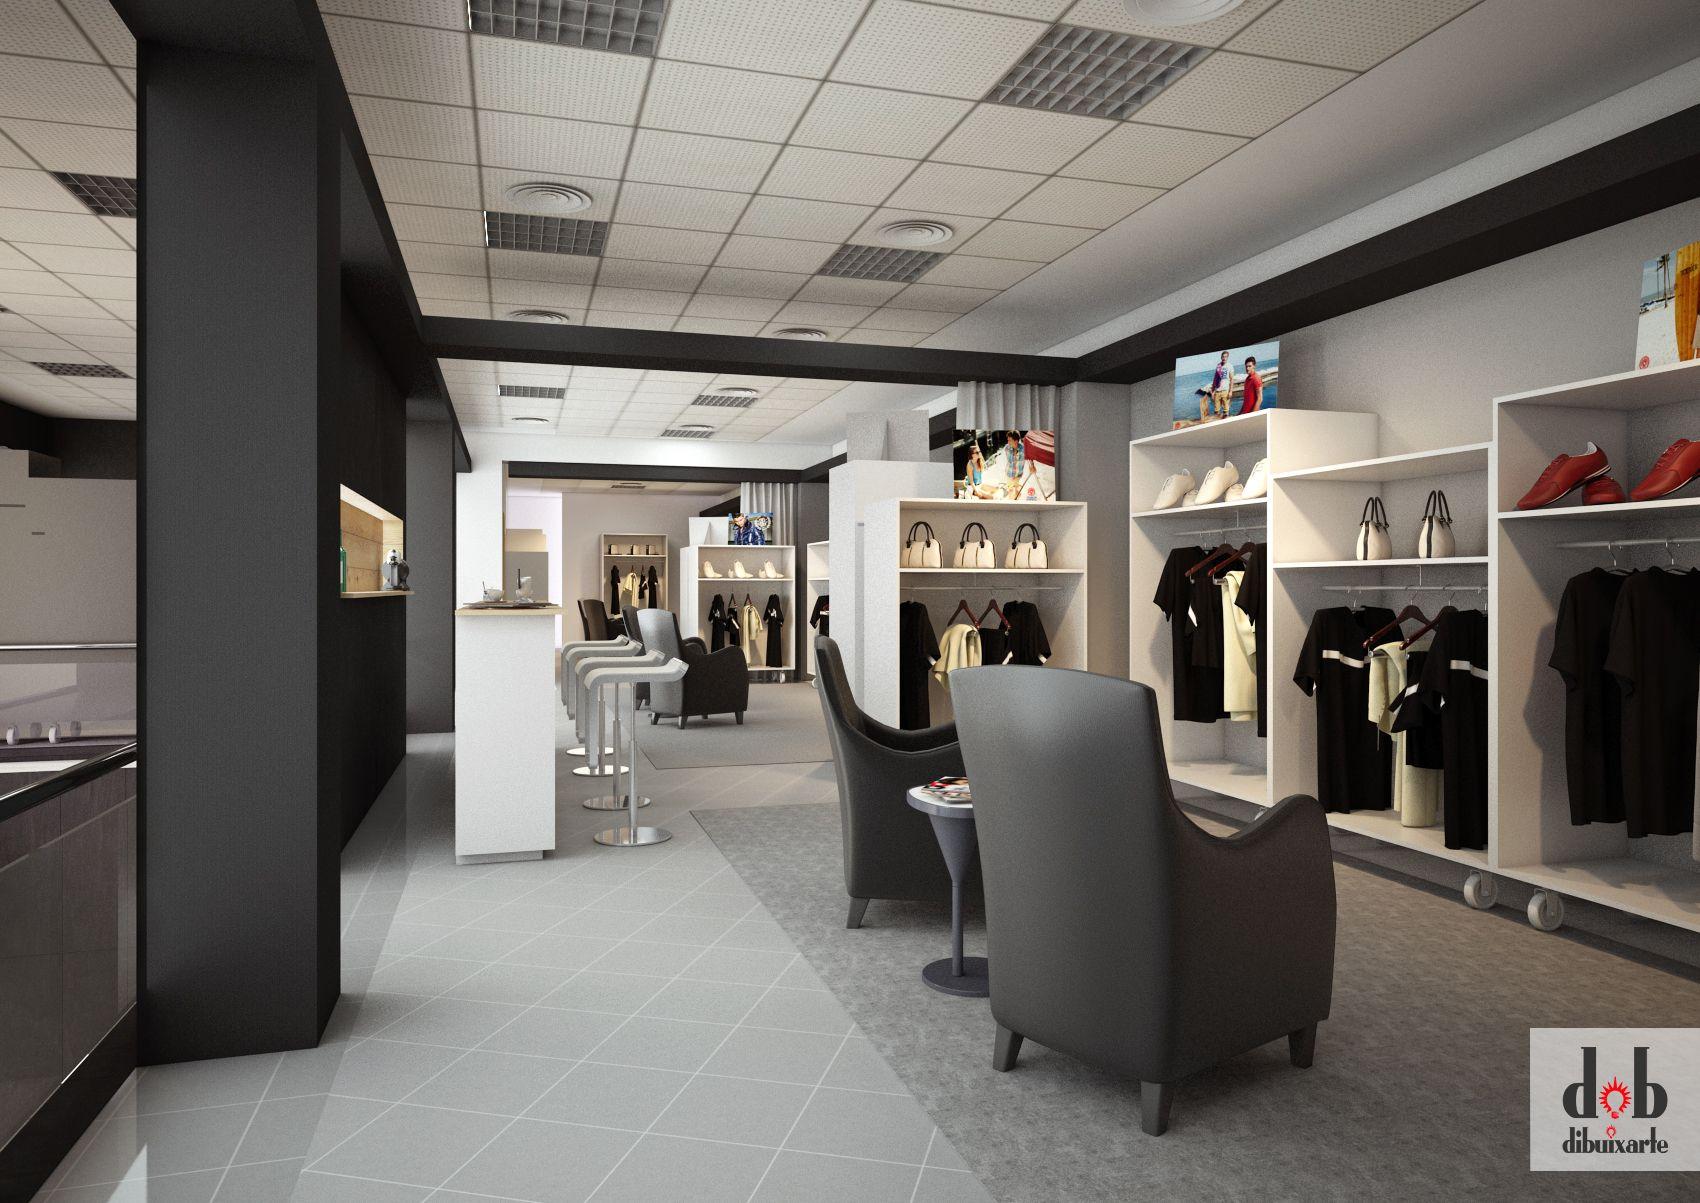 Dise o de showroom para tienda de ropa en alzira trabajo - Diseno de interiores valencia ...